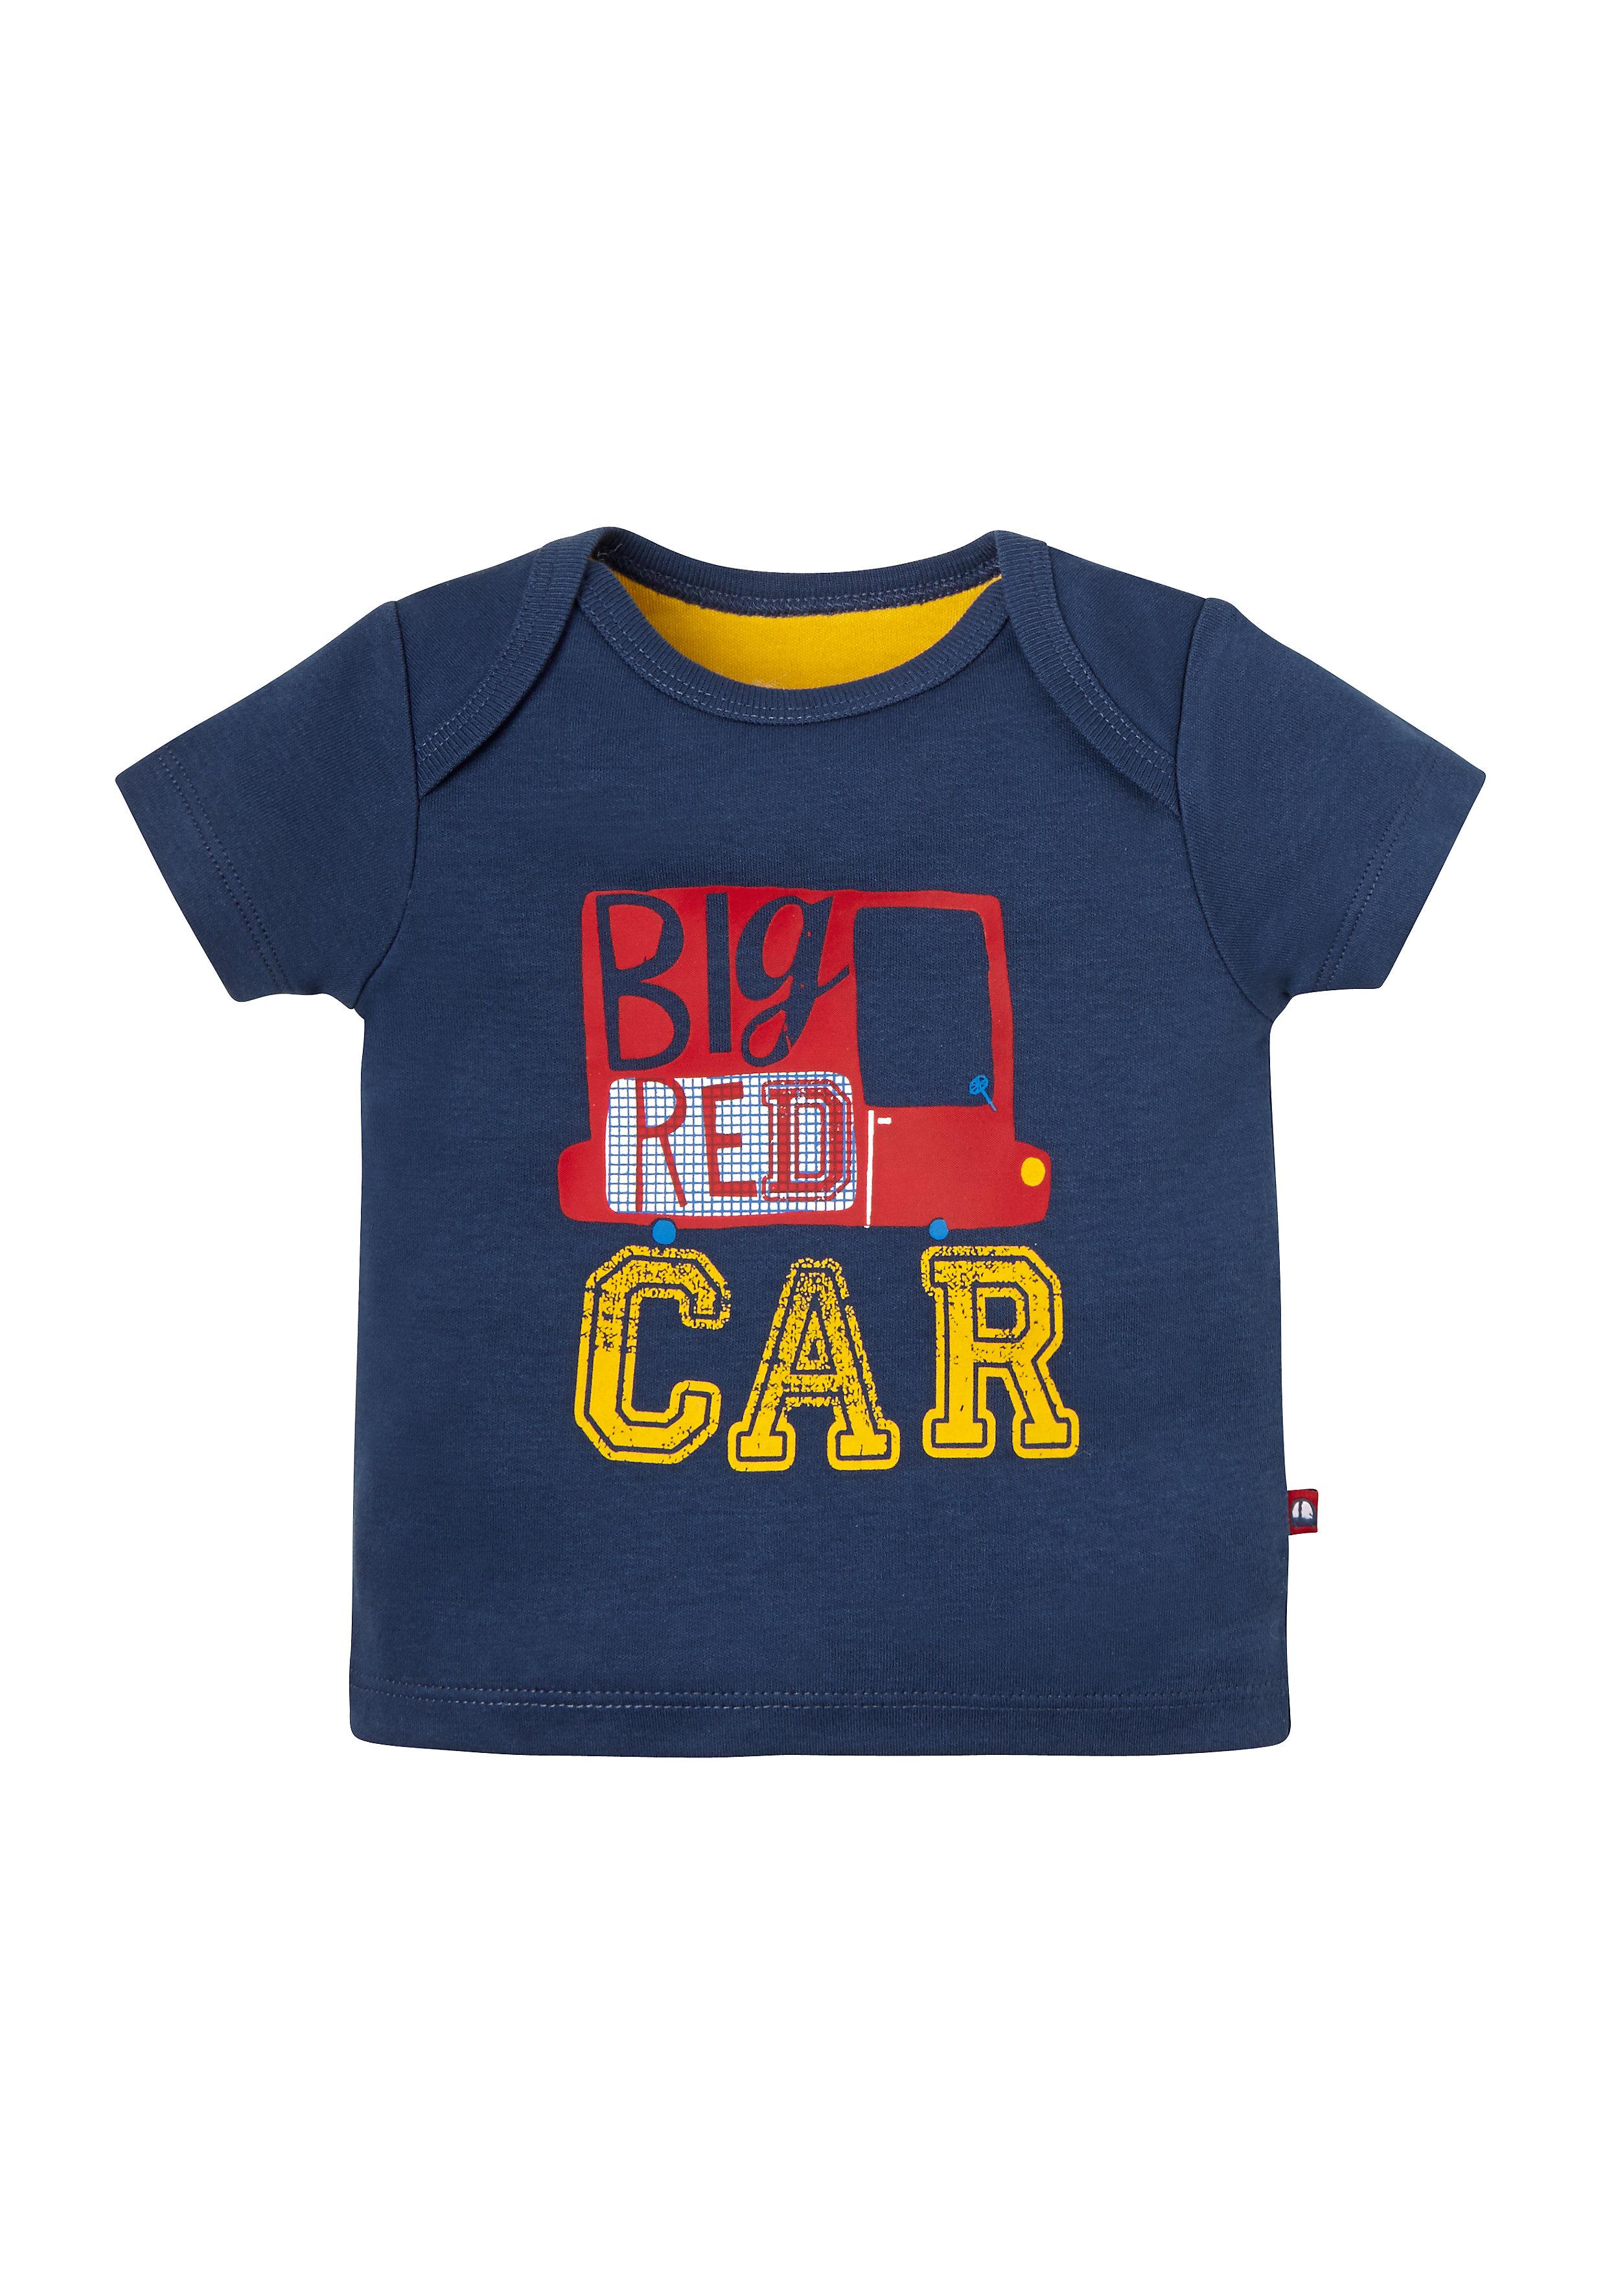 Mothercare | Boys Big Car T-Shirt - Navy